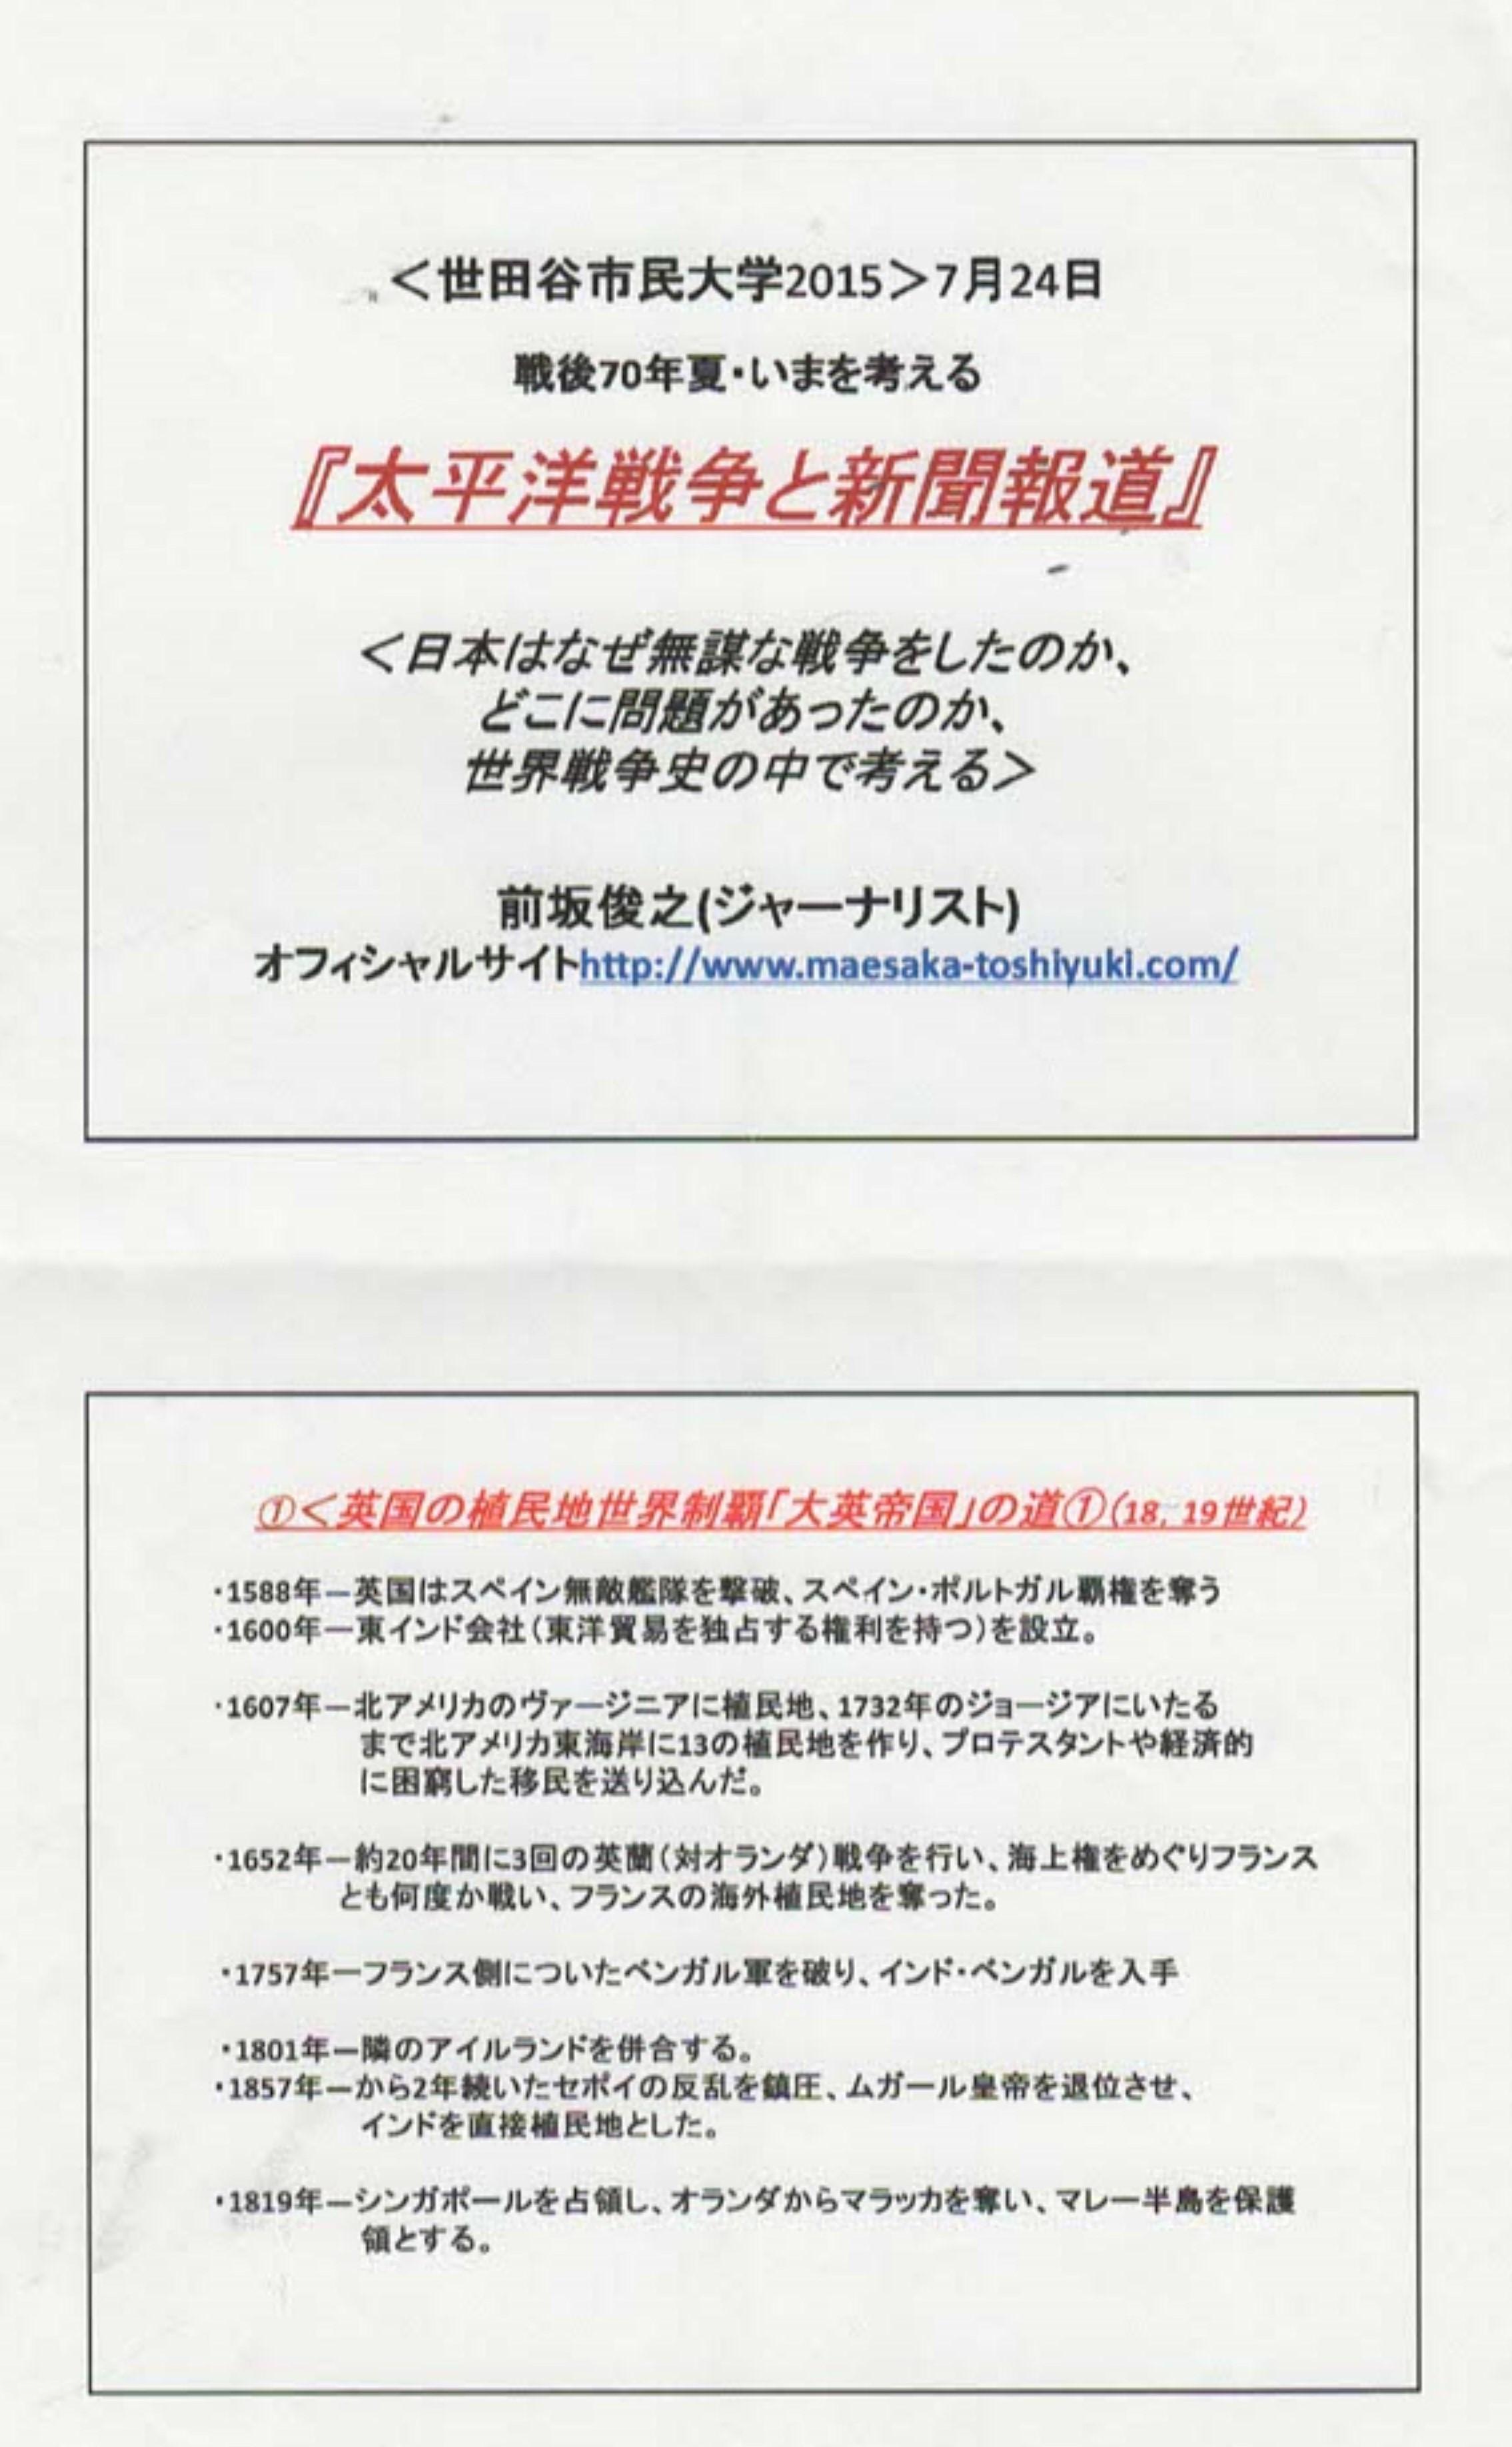 再録『世田谷市民大学2015』(7/24)-『太平洋戦争と新聞報道』<日本は ...